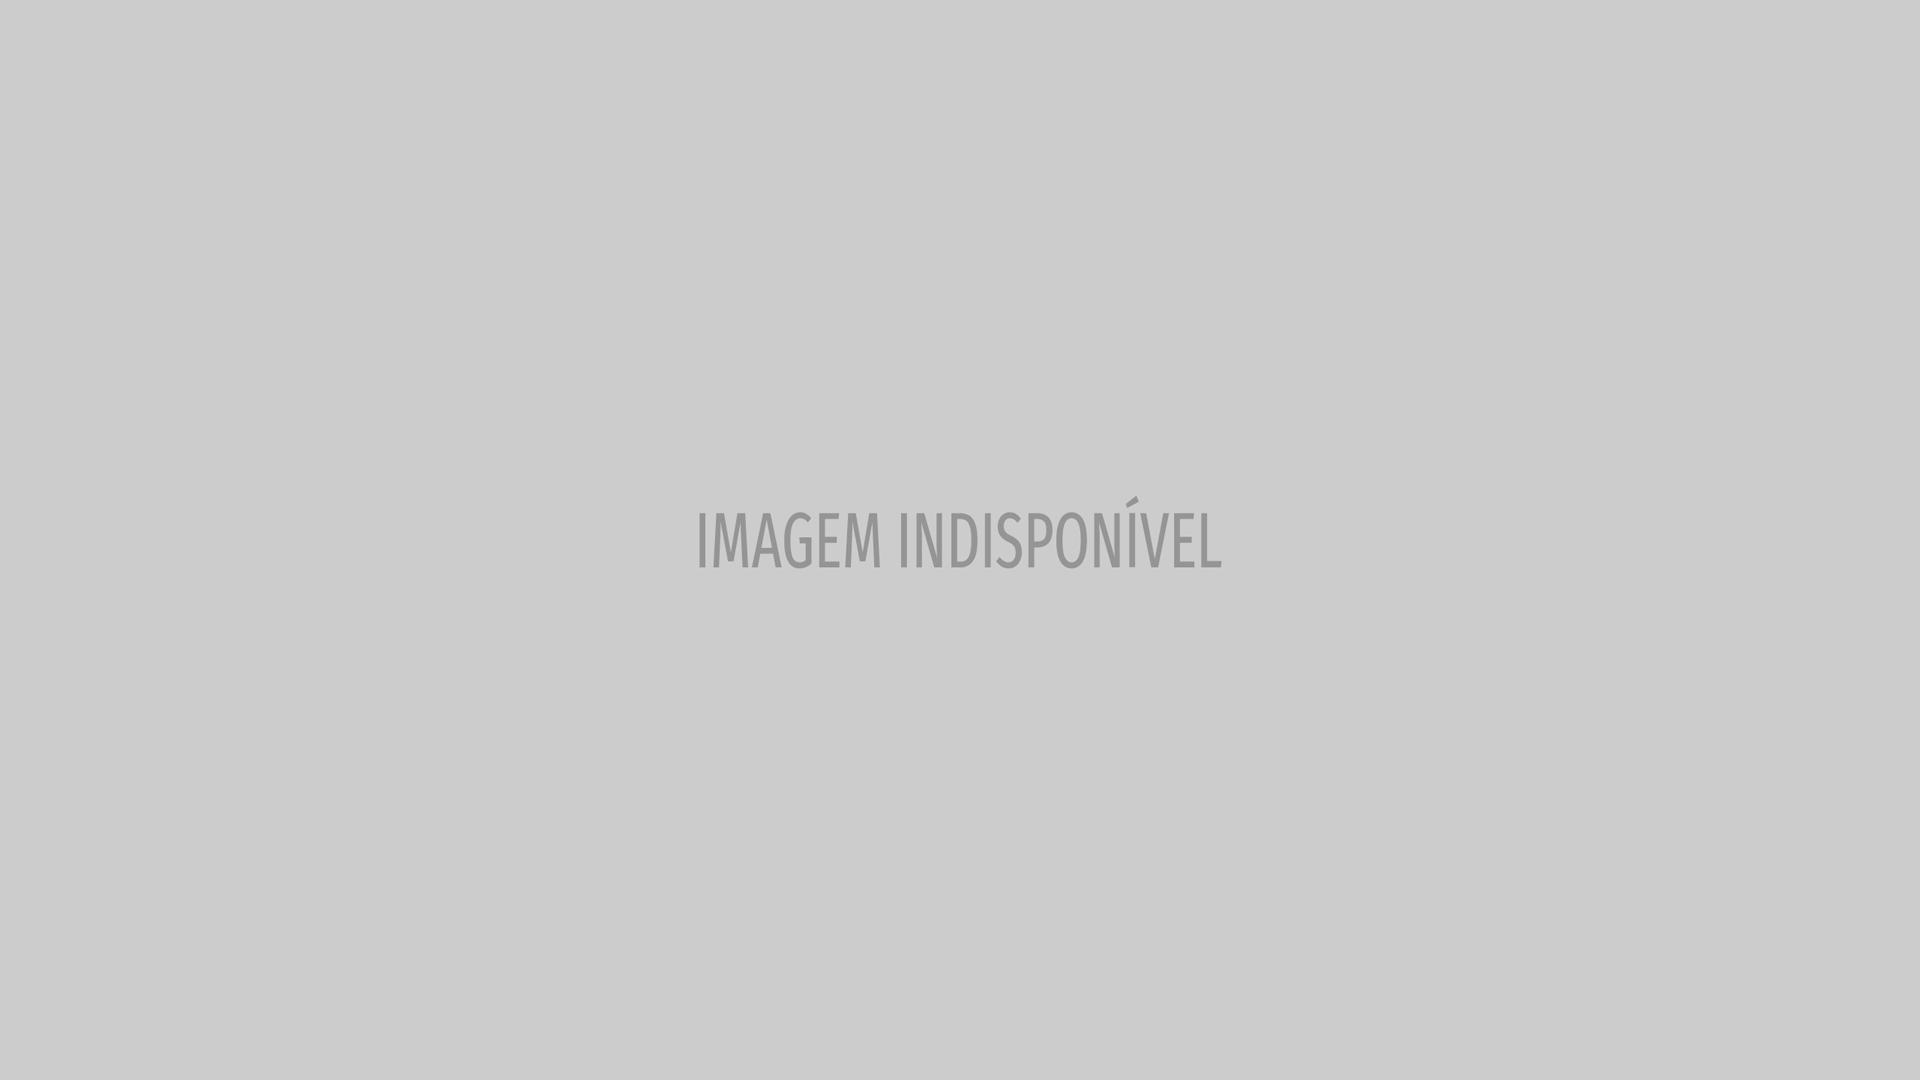 Saiba mais sobre o primeiro turista espacial da SpaceX